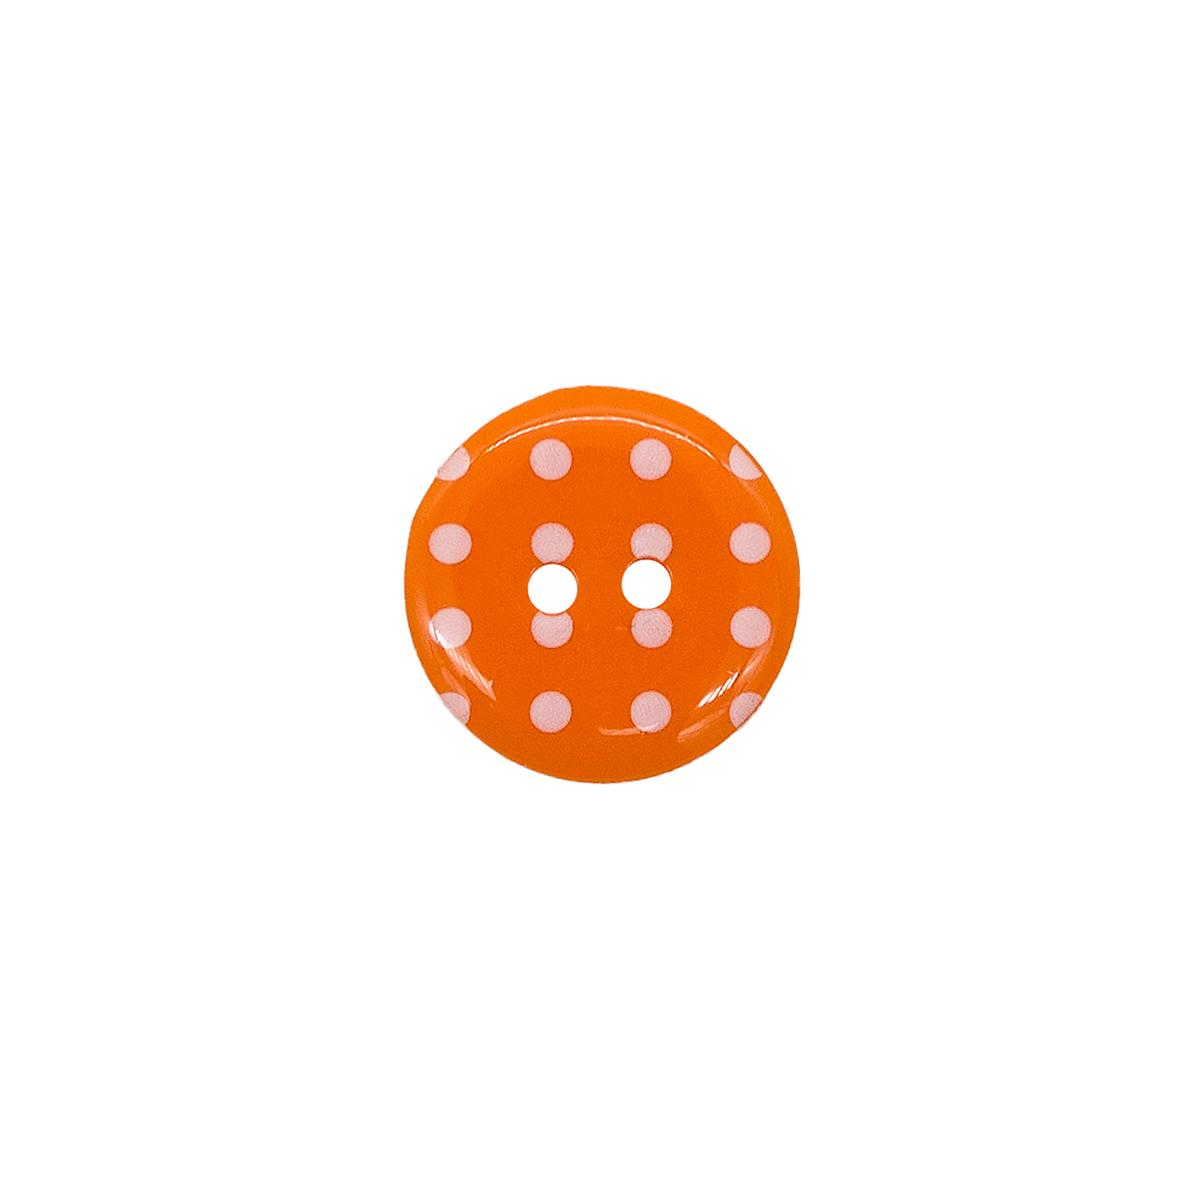 Q7D26-FSS Пуговица, Горошек 28L 24шт (331 оранжевый)